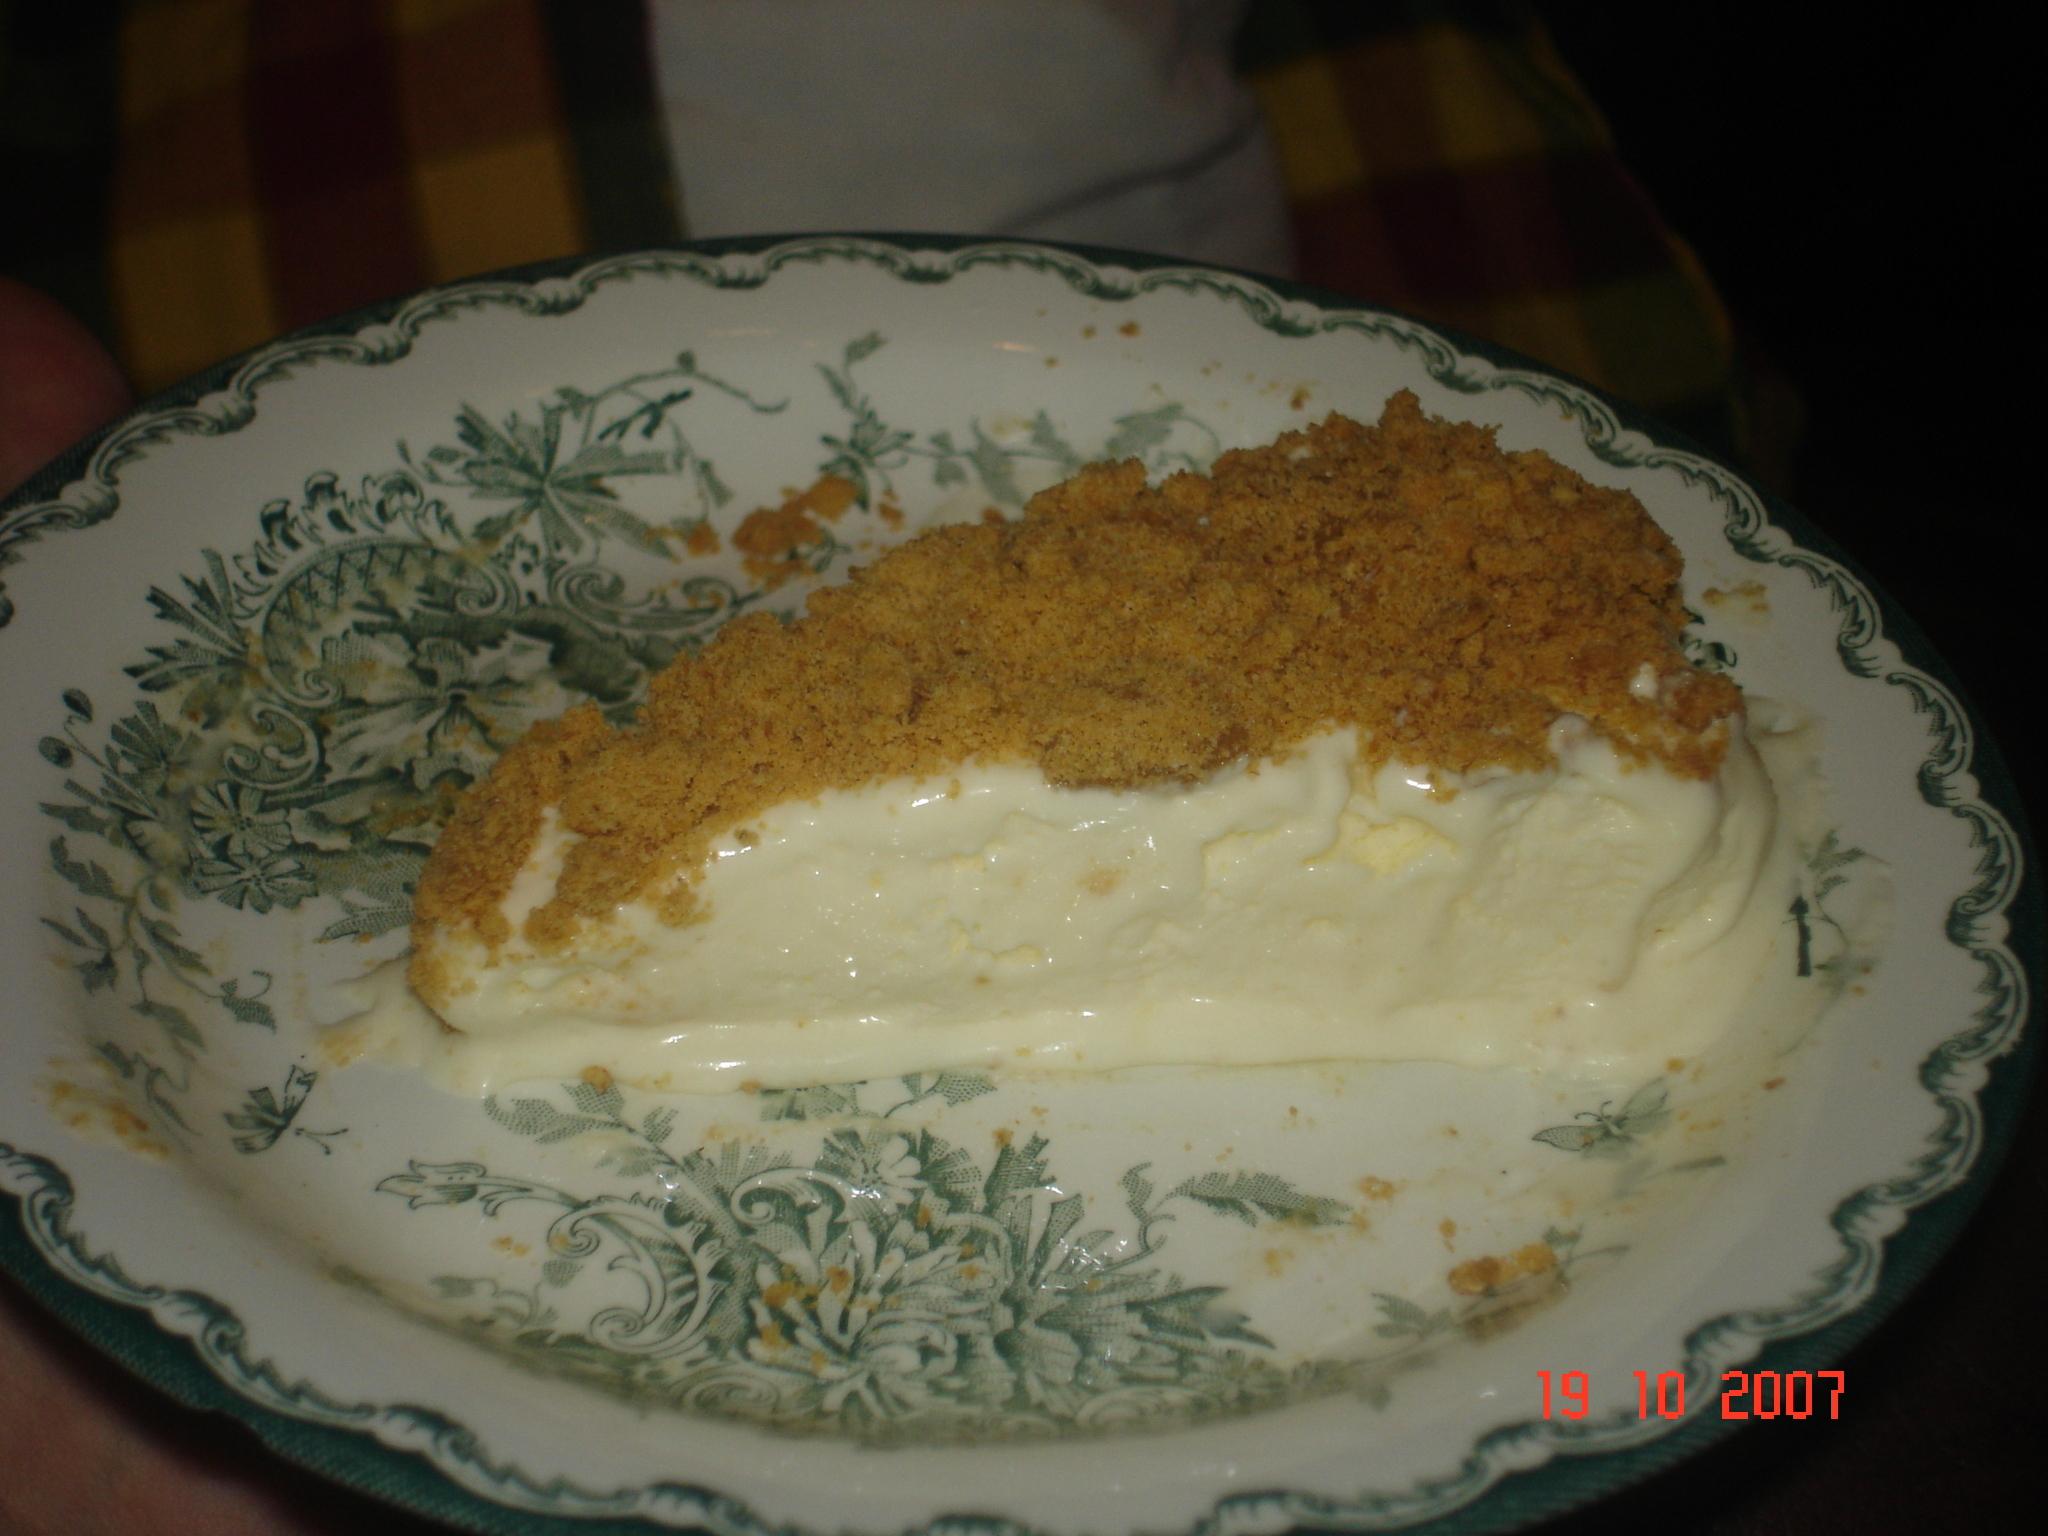 dundee cake fruktkaka